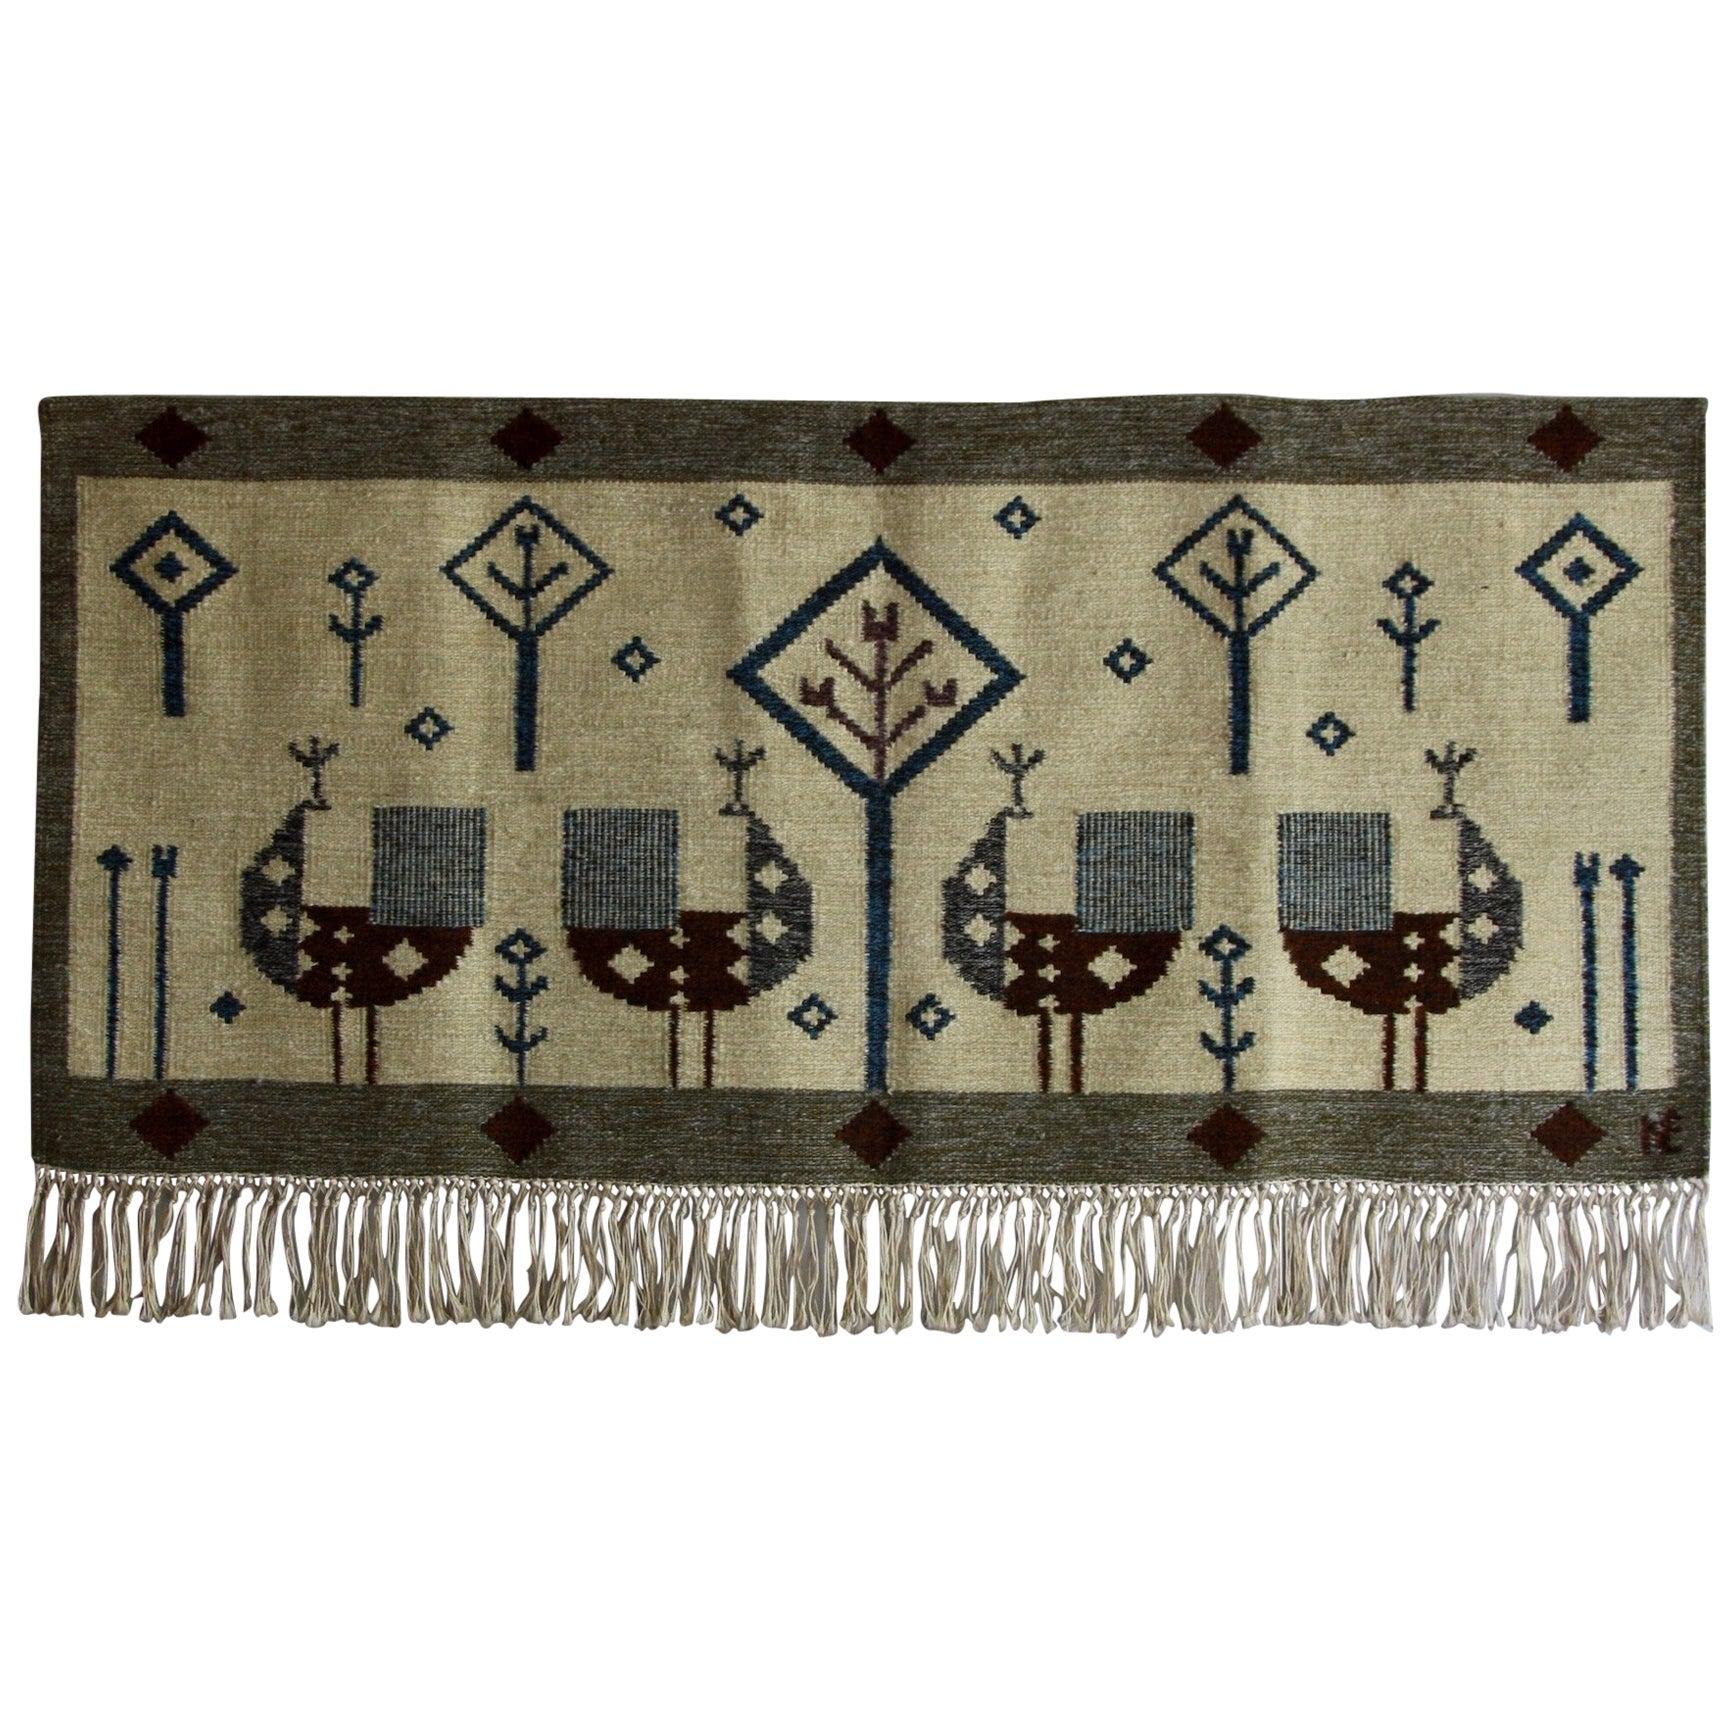 Èva Németh Vintage Hungarian Wall Tapestry #10, C.1950